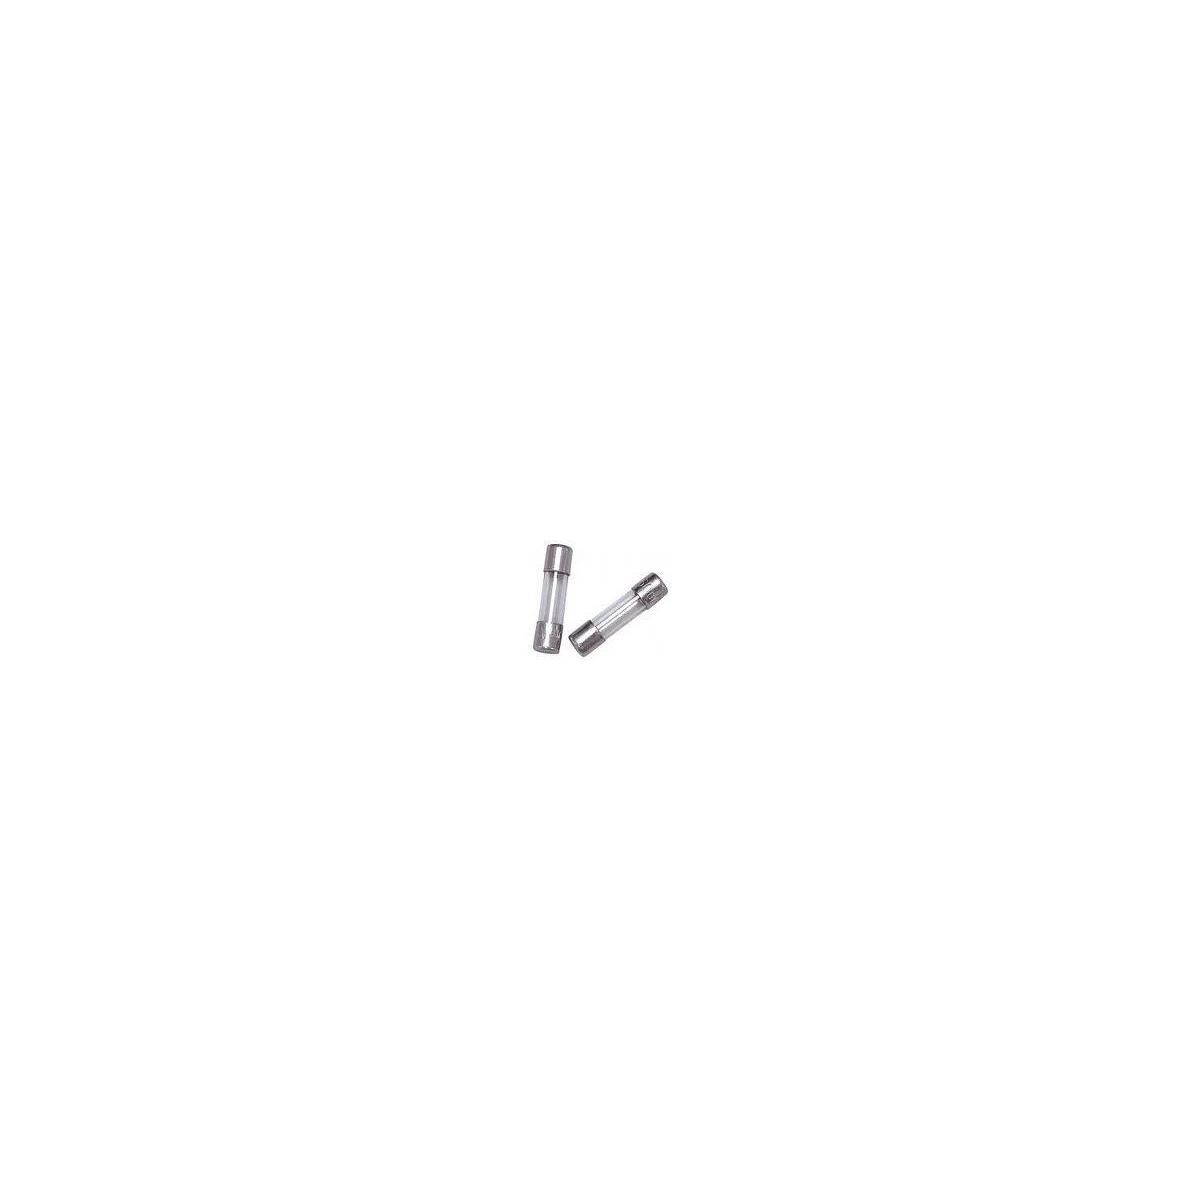 FUSIVEL - F RAPIDO 5X20MM (PACOTE COM 10 UNIDADES )-    0,30A